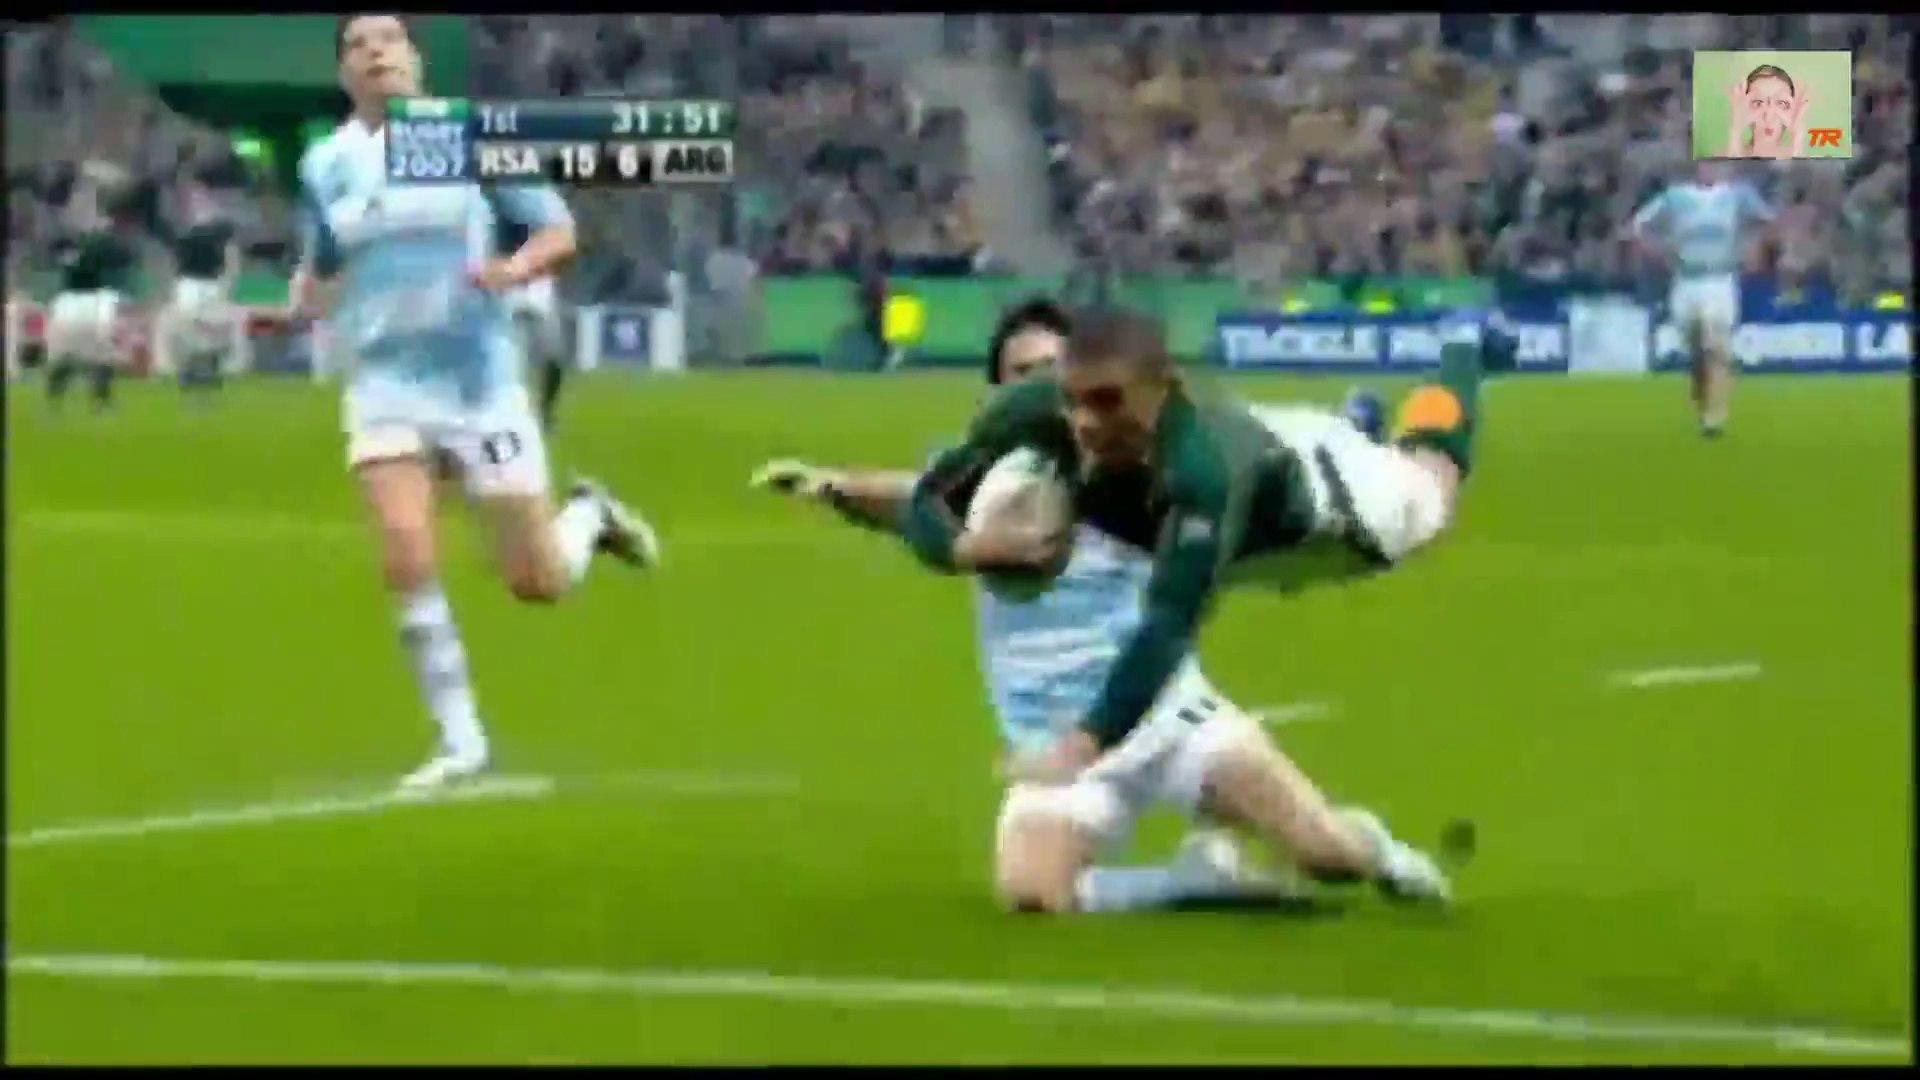 RWC 2019 - Les meilleurs moments de rugby en attendant l'ouverture de la coupe du monde 2019